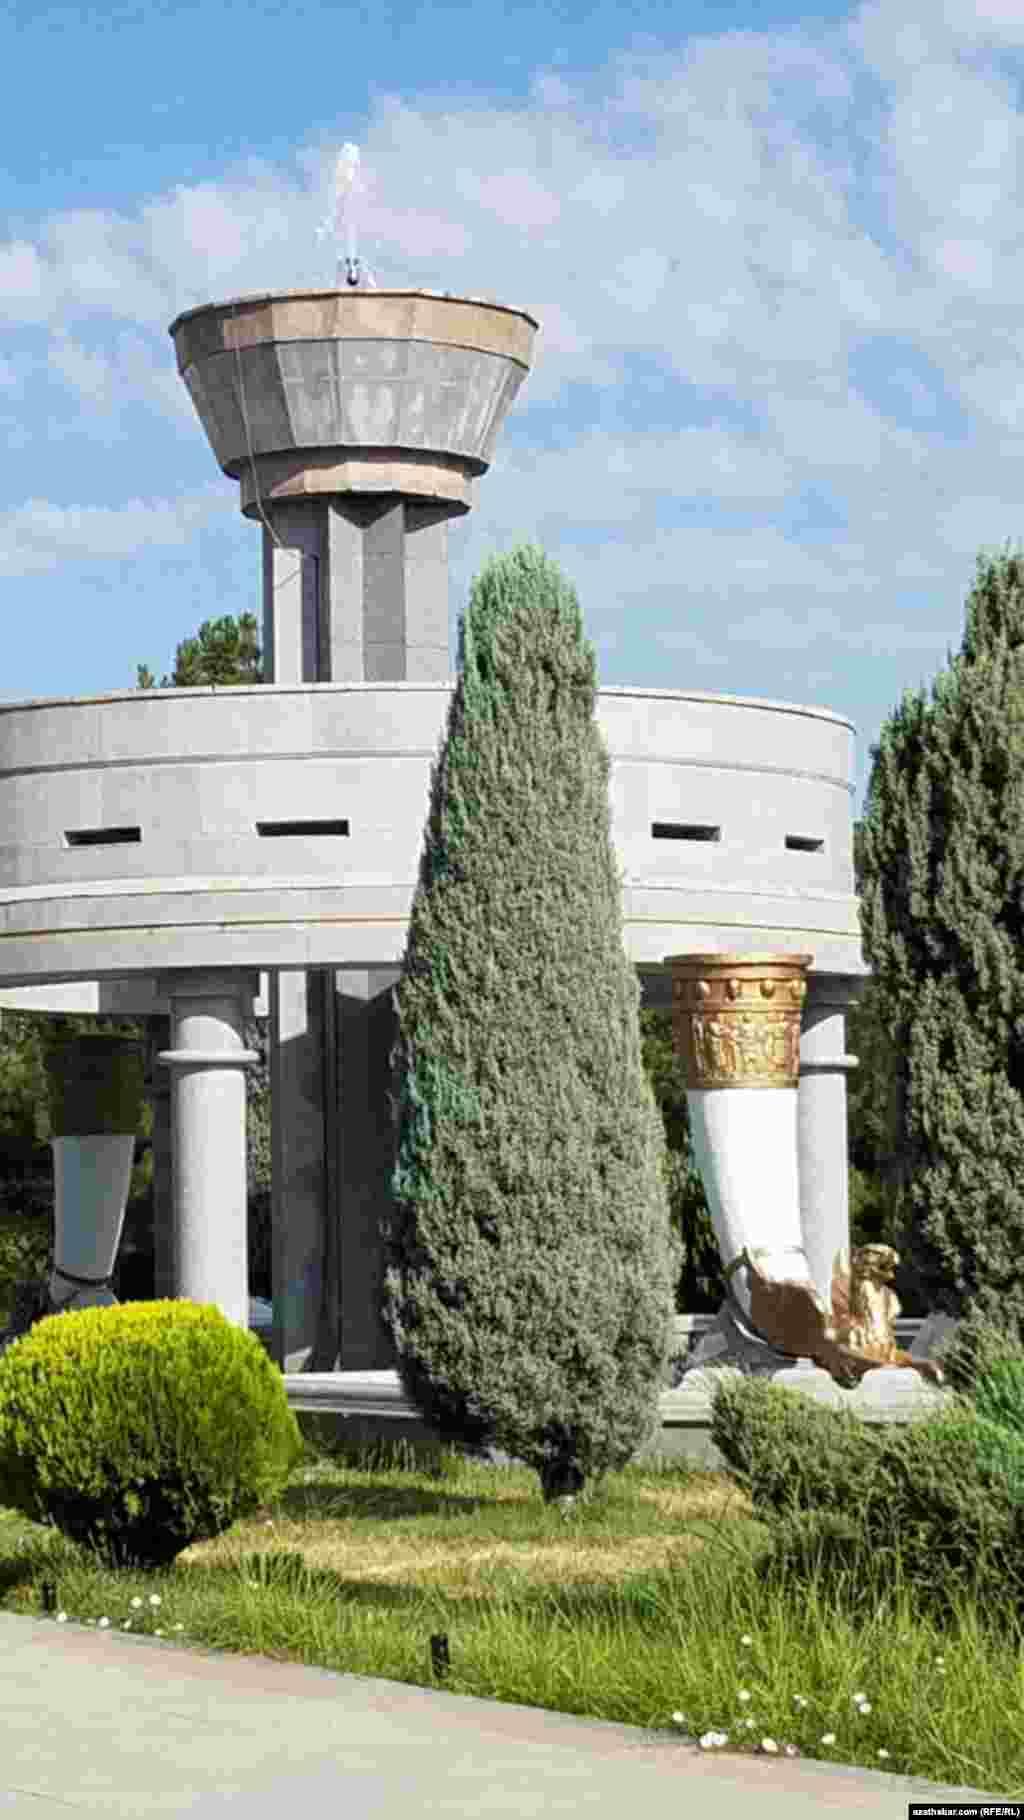 Ашхабадские фонтаны зачастую не функционируют